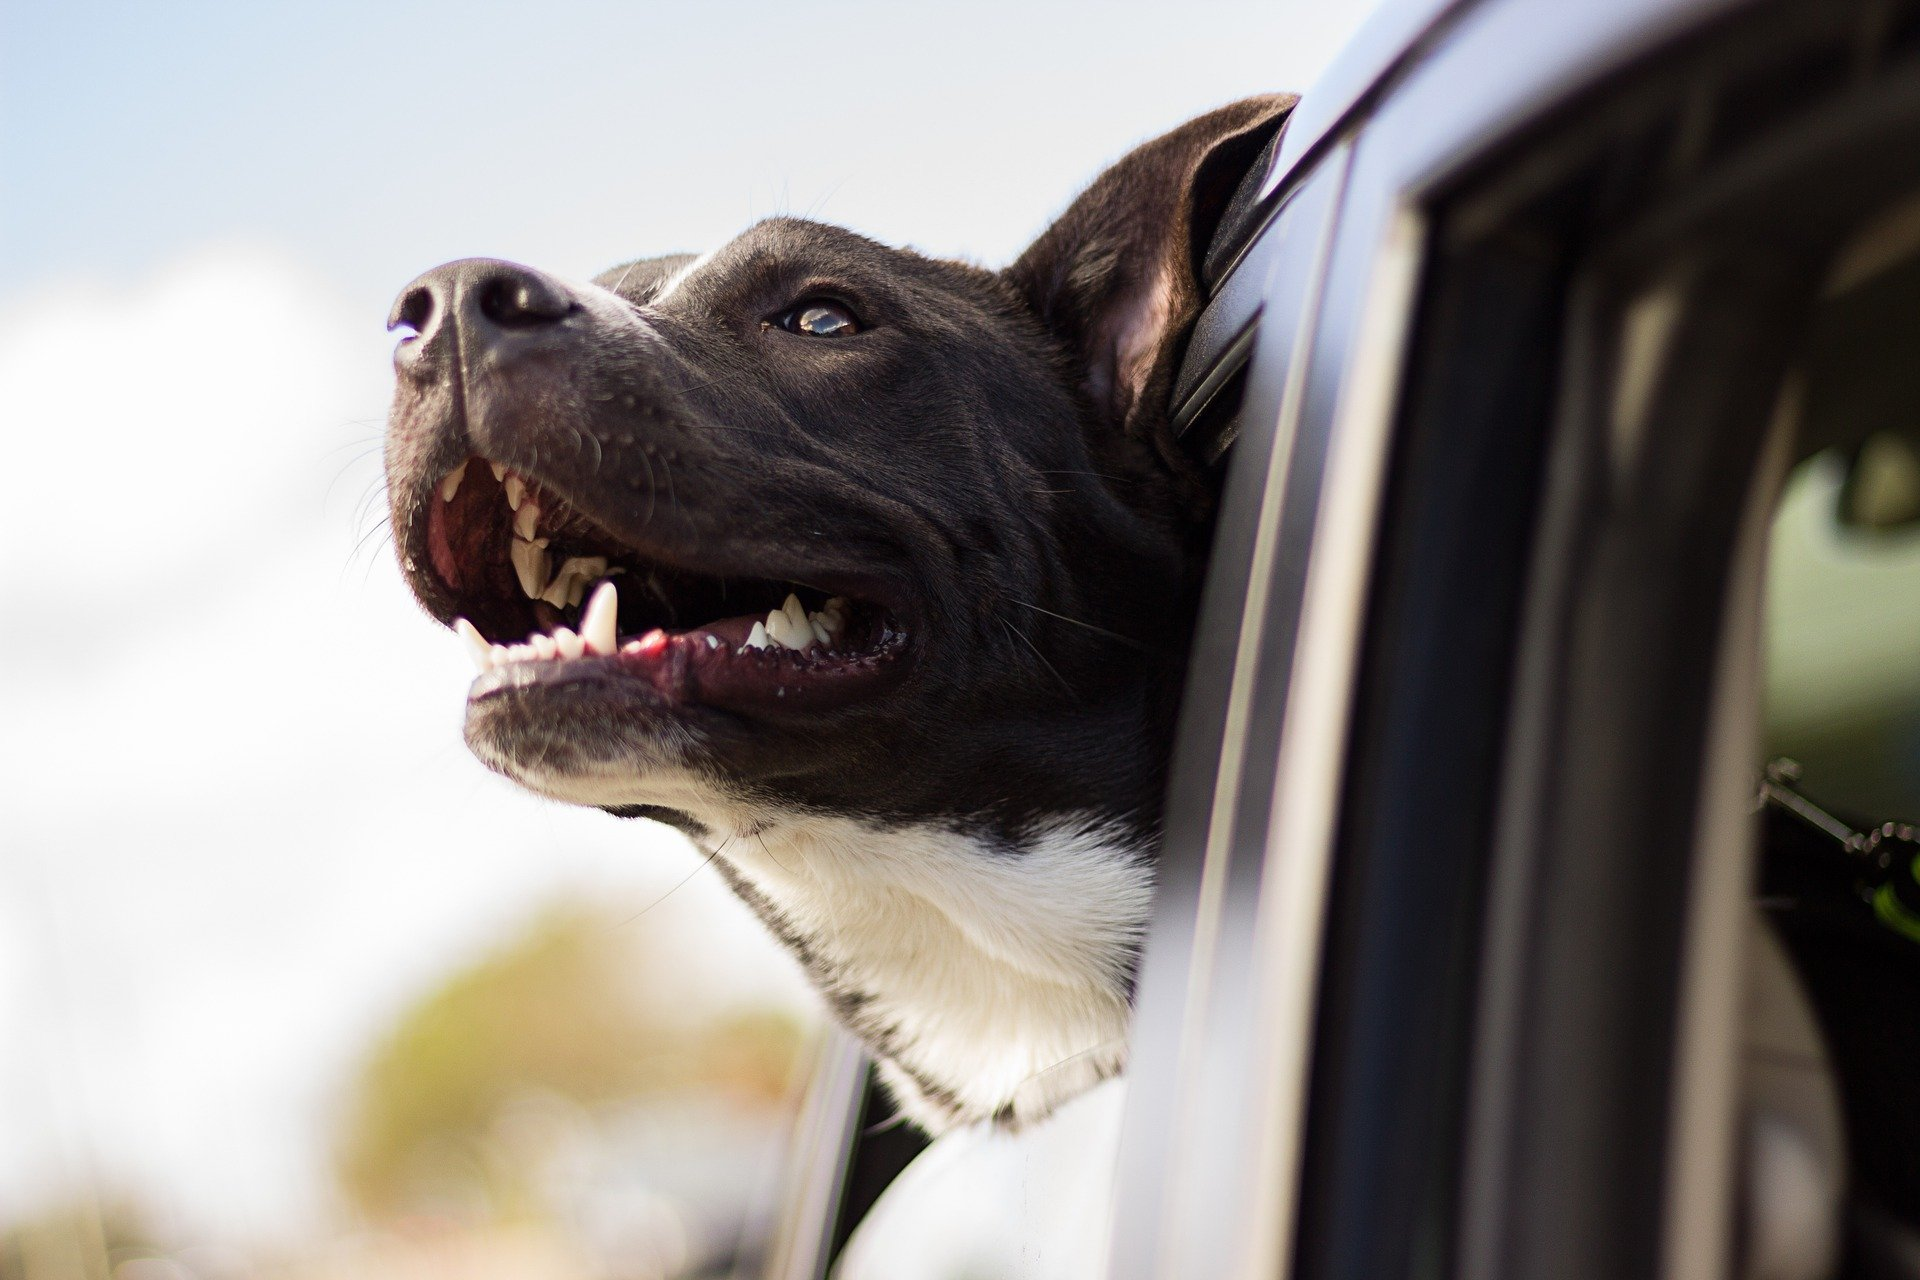 Dlaczego prowadzimy firmę transportującą zwierzęta domowe BLOG w Polsce i za granicę Szkocja Anglia UK Niemcy Holandia